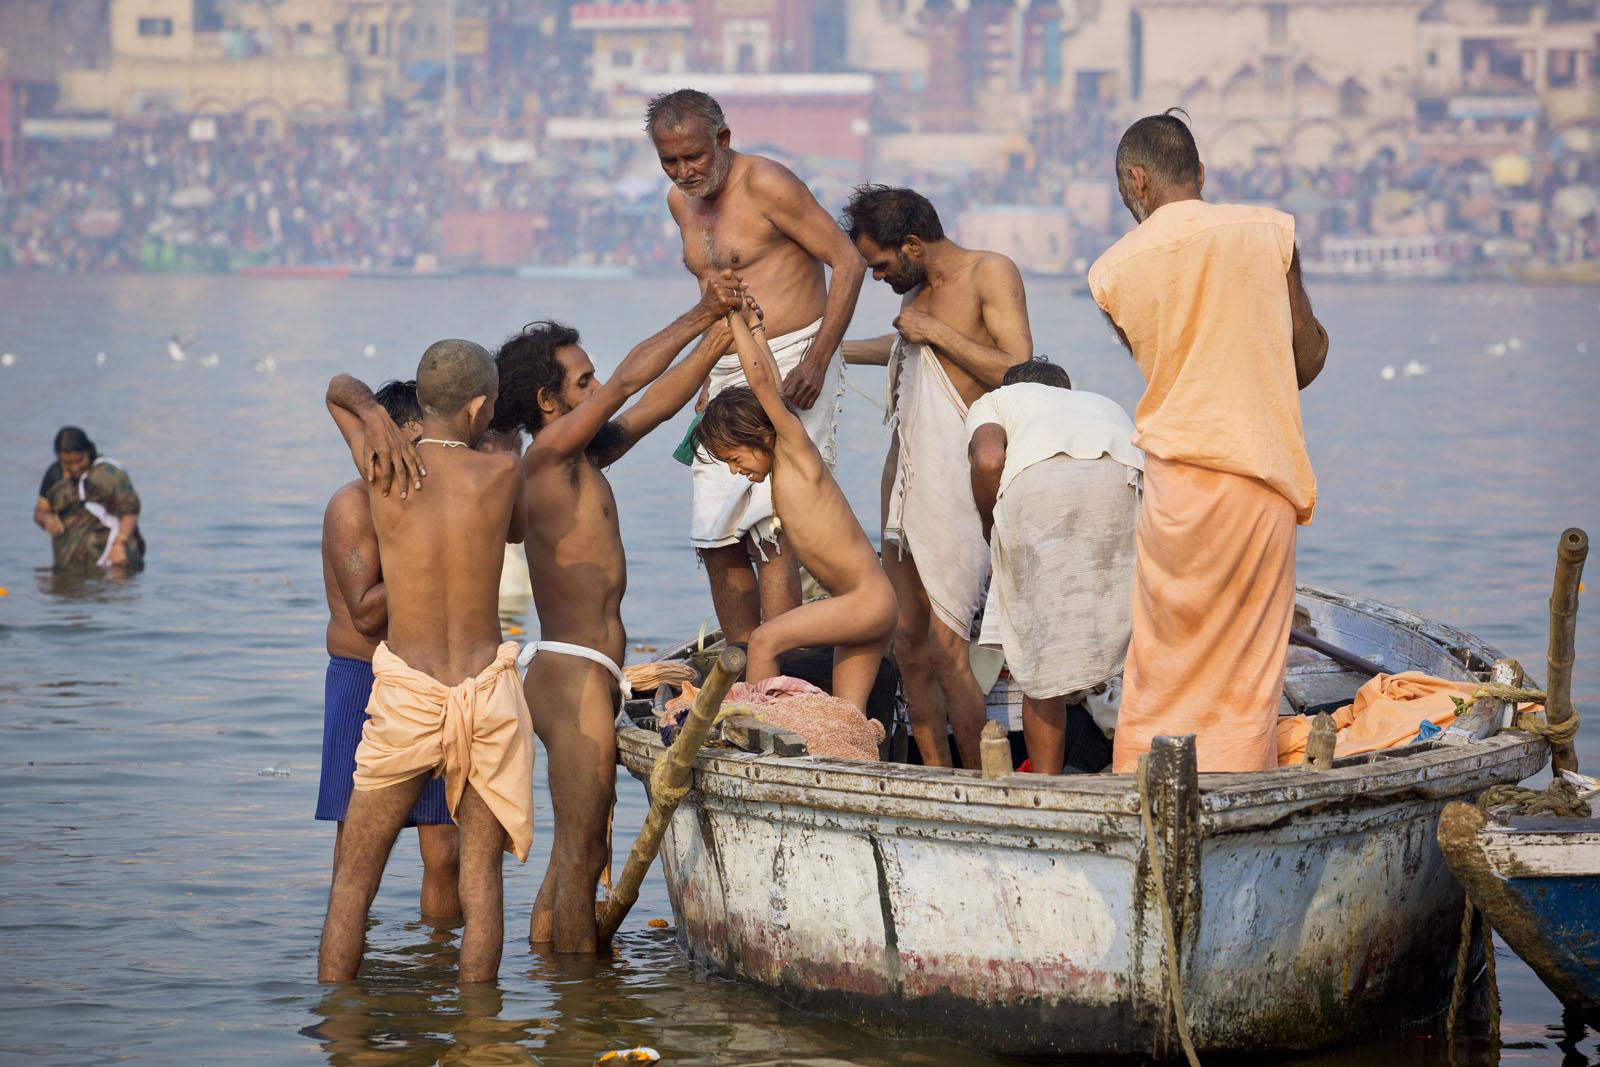 הודים טובלים בנהר הגנגס בוורנאסי כדי להיטהר מחטאיהם, פברואר 2013 (צילום: משה שי)